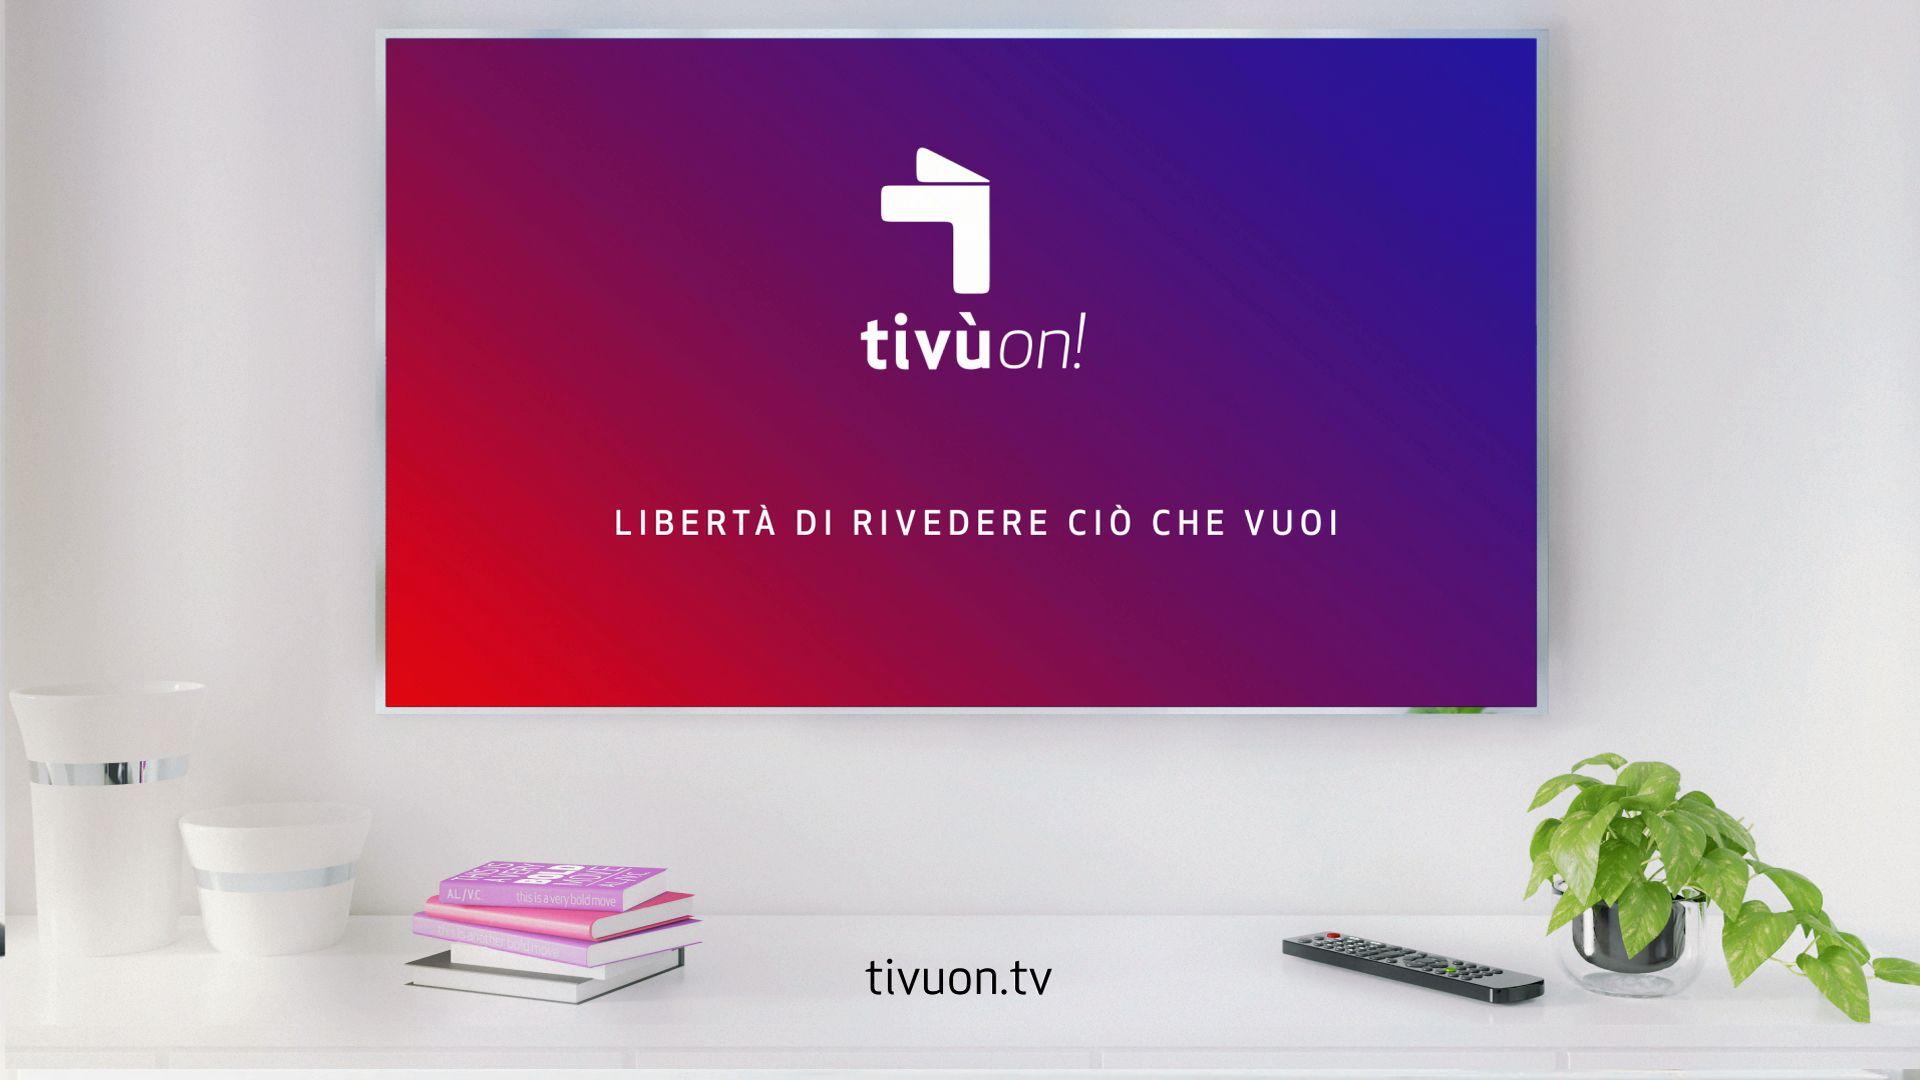 Tivùsat, la TV satellitare per vedere gratis i canali free italiani e internazionali